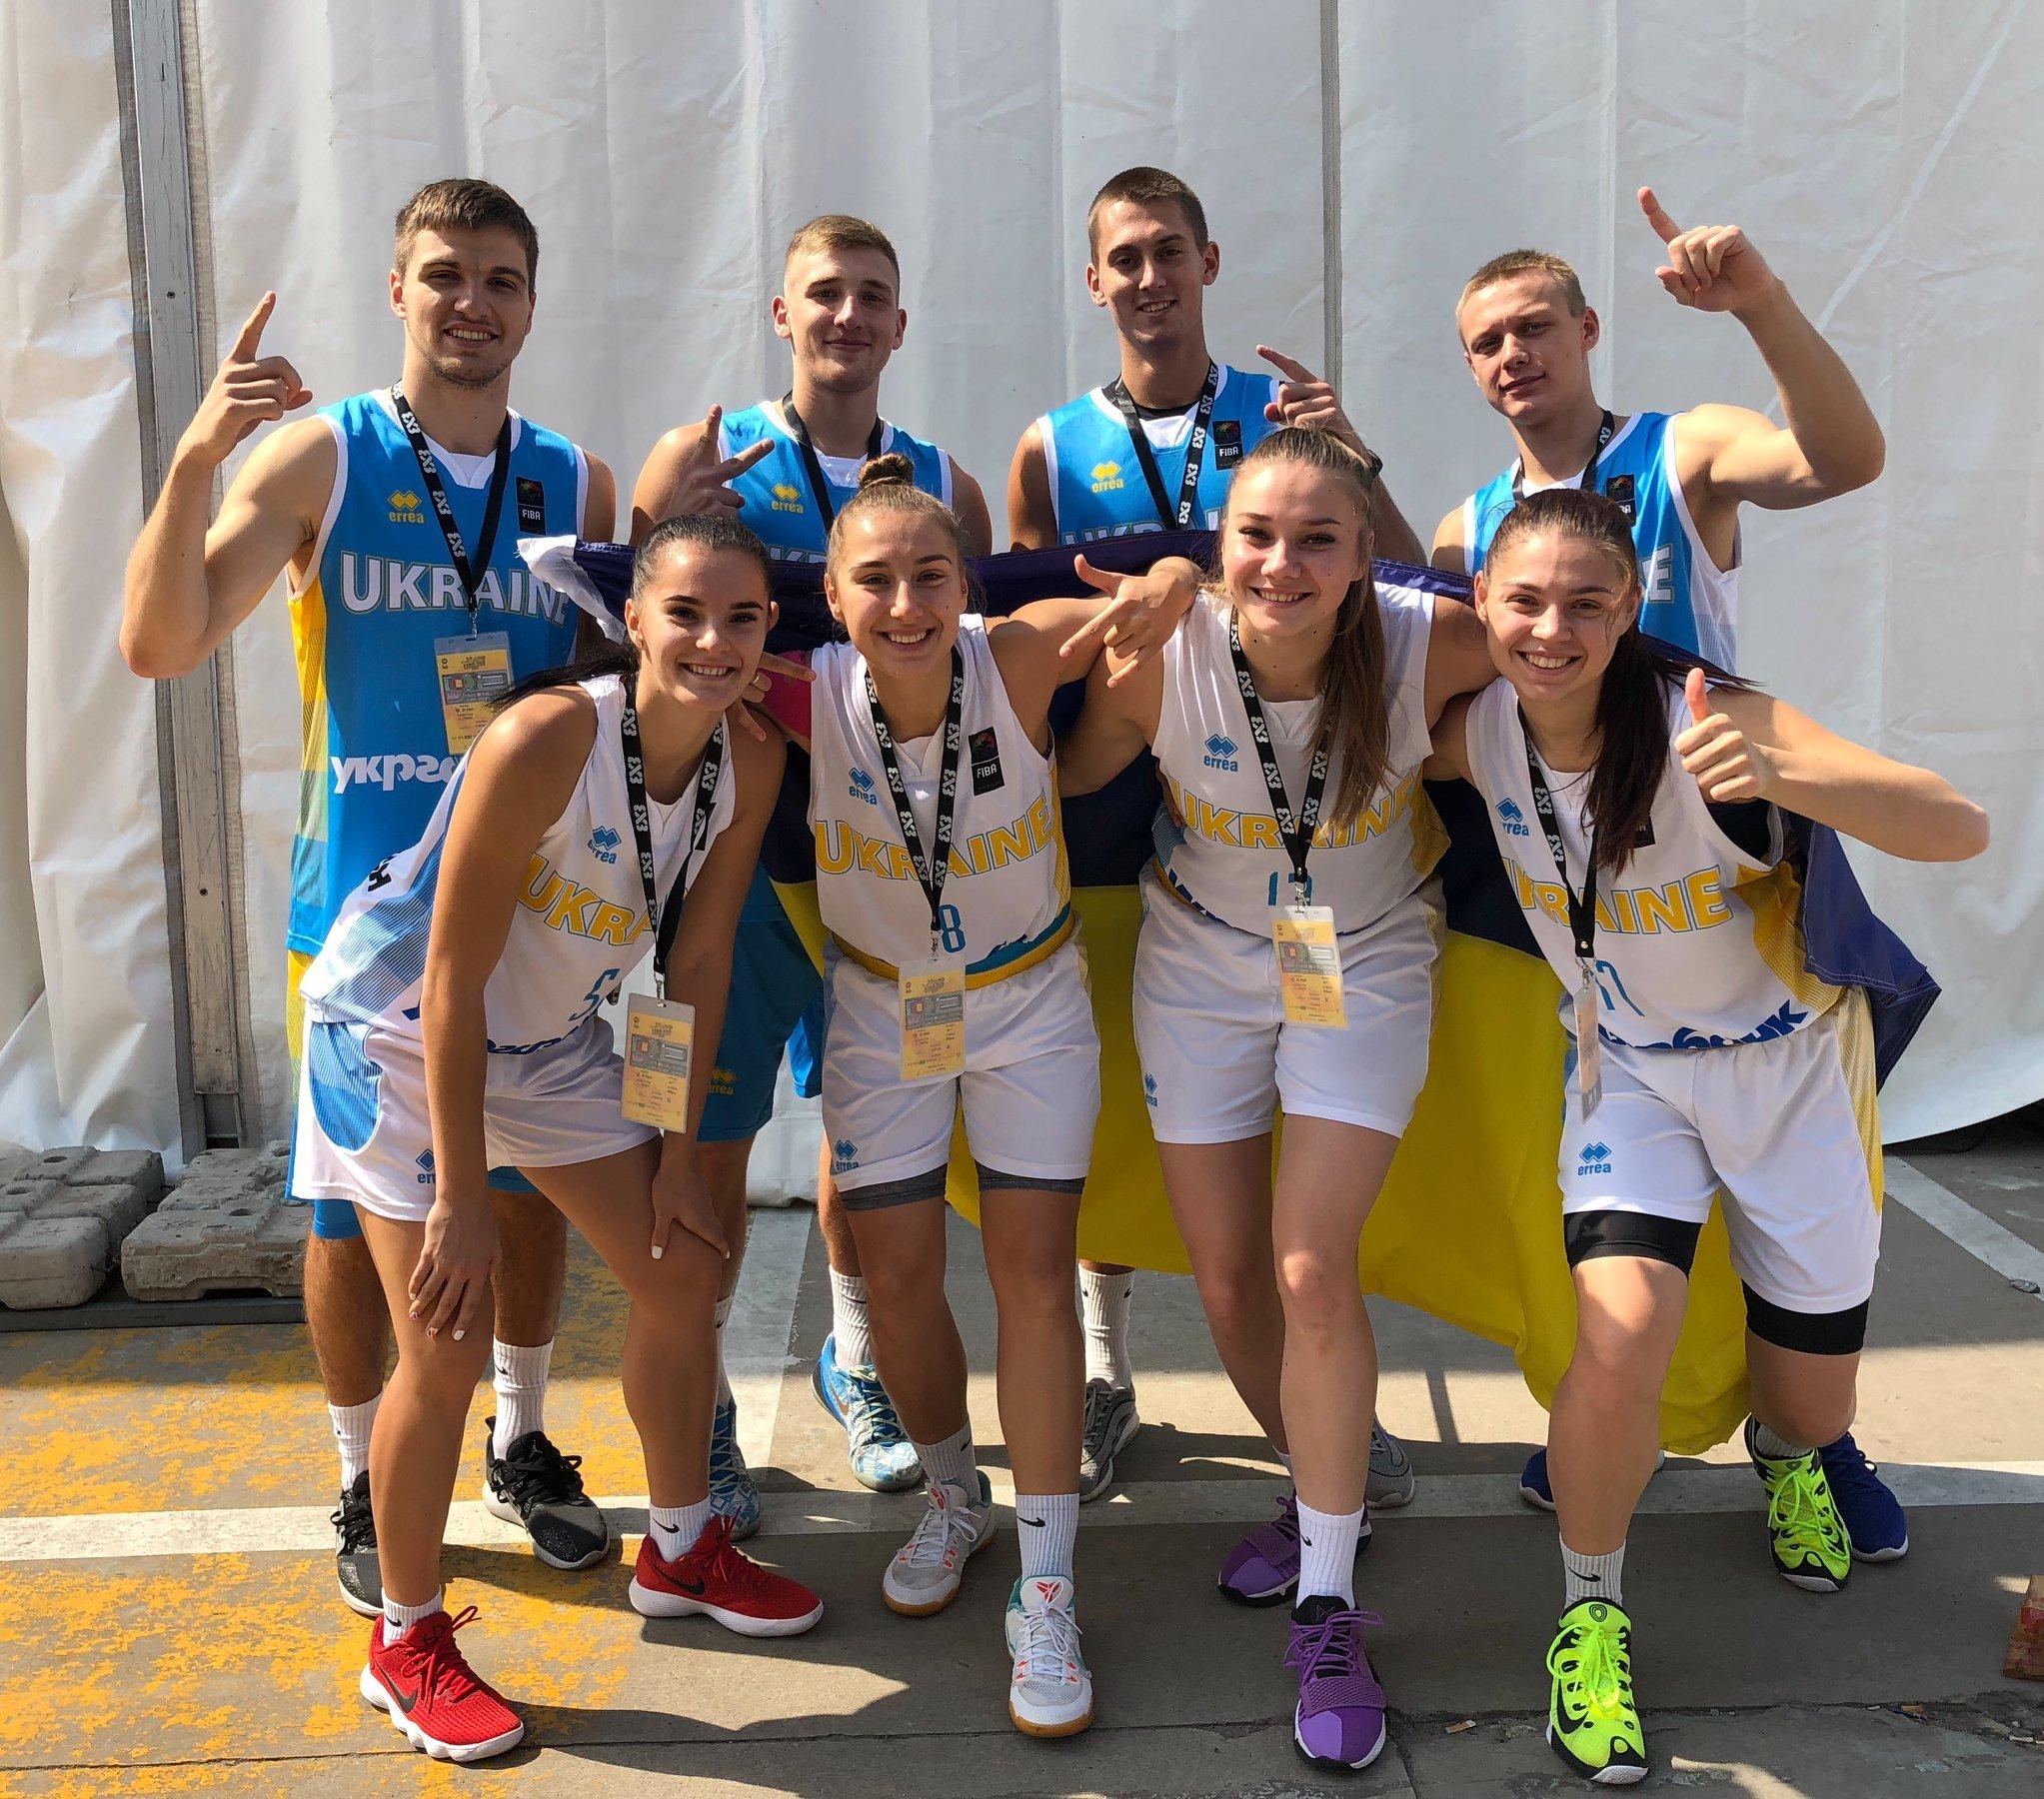 Чемпіонат світу 3х3 (U-23): онлайн відеотрансляція 5 жовтня